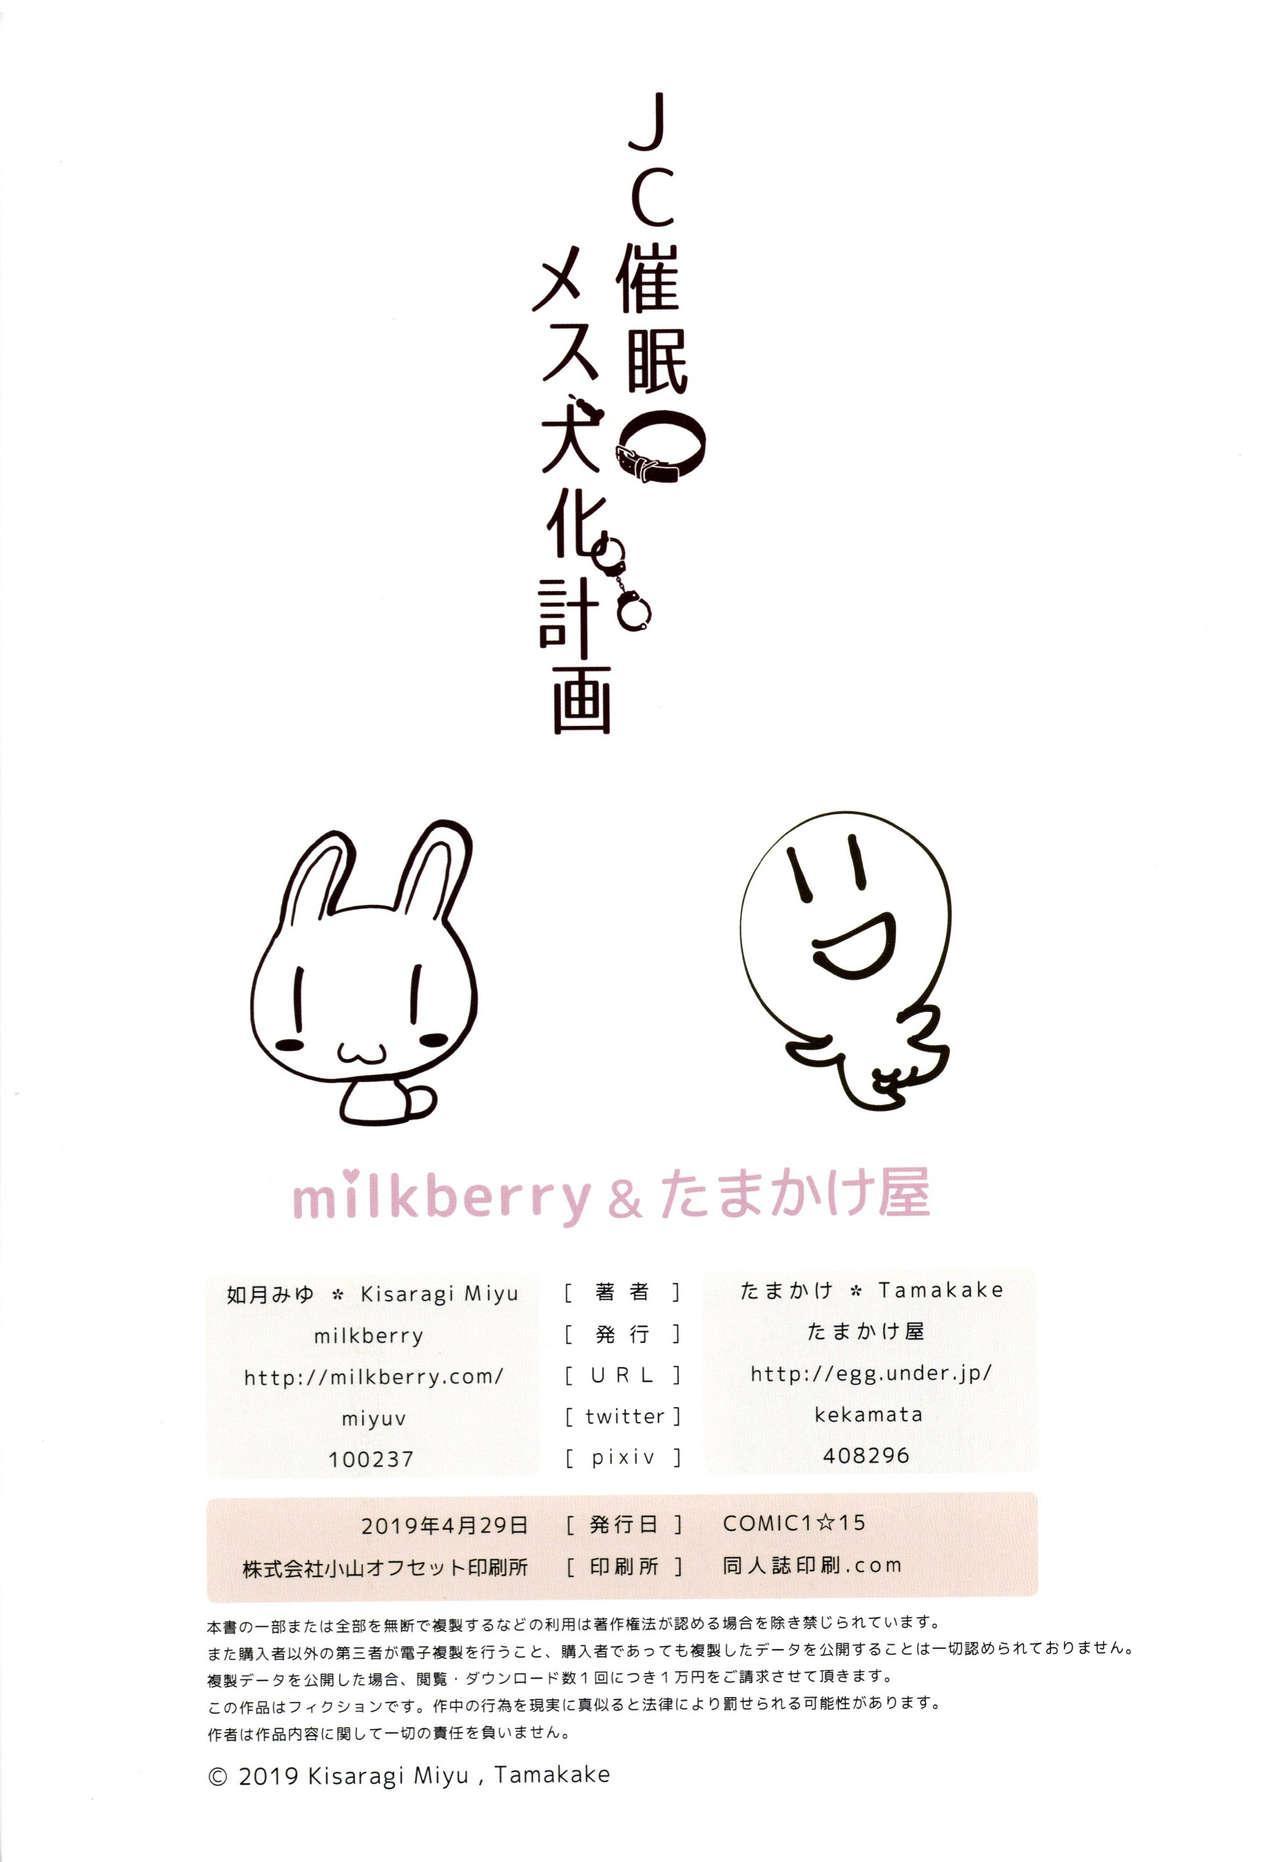 JC Saimin Mesuinu-ka Keikaku 20